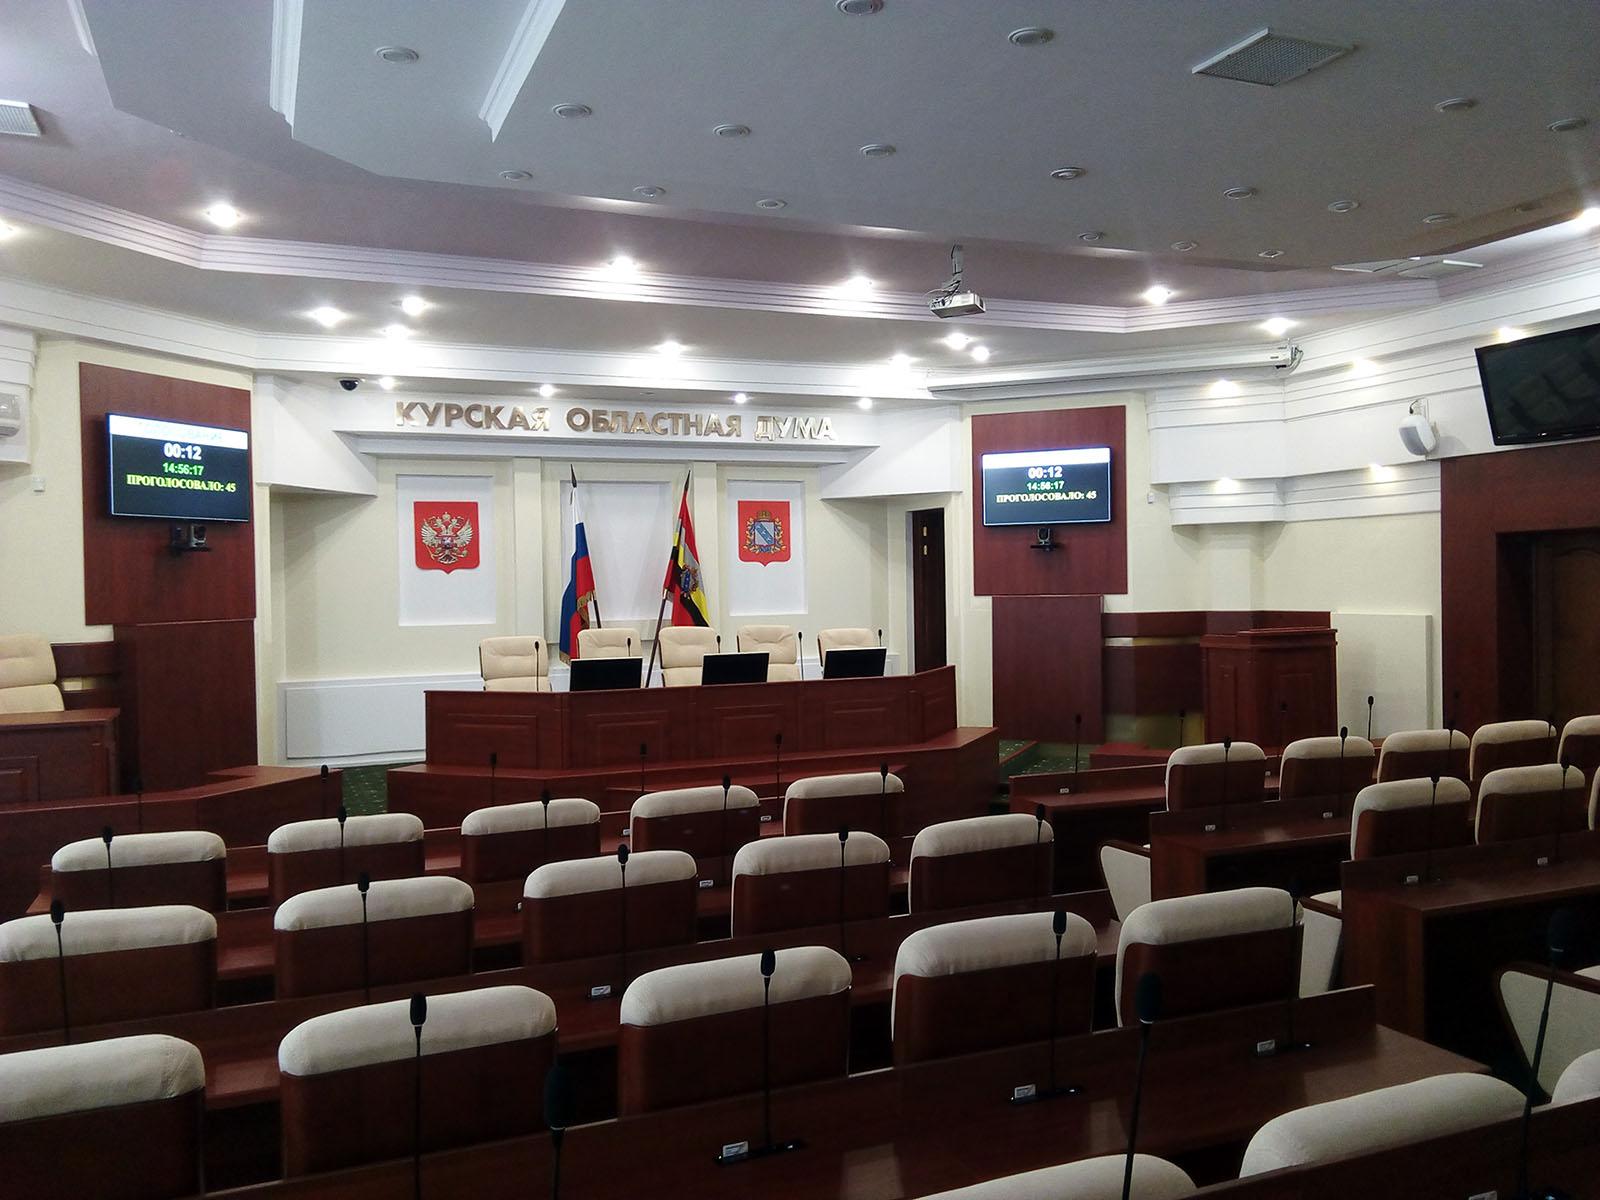 Панели NEC для отображения хода голосования